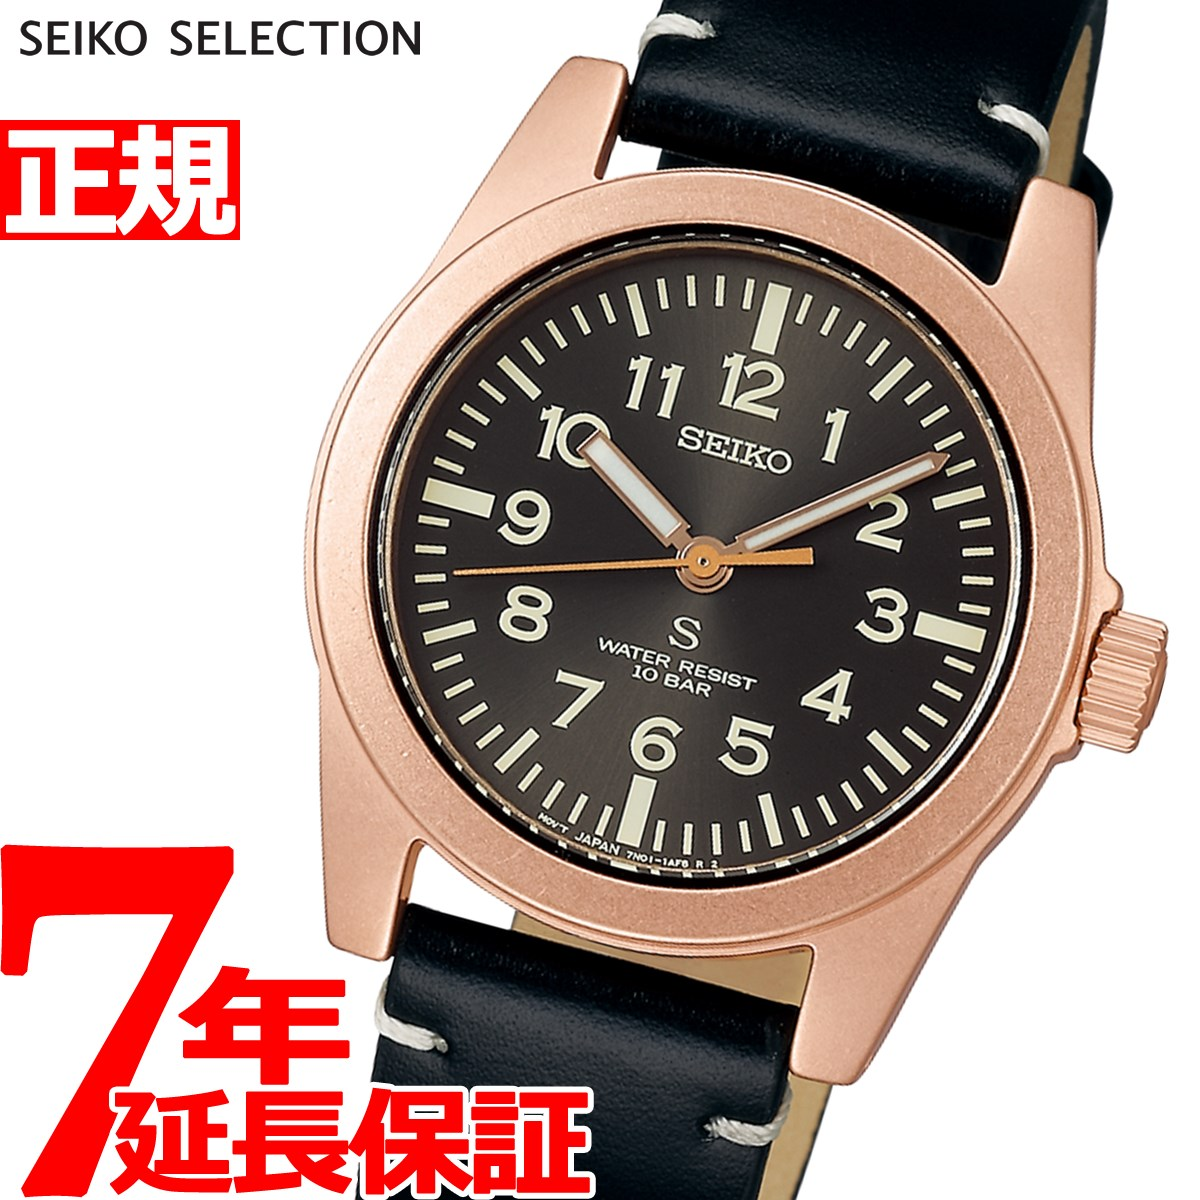 セイコー セレクション SEIKO SELECTION SUSデザイン復刻モデル 流通限定モデル 腕時計 メンズ nano・universe SCXP172